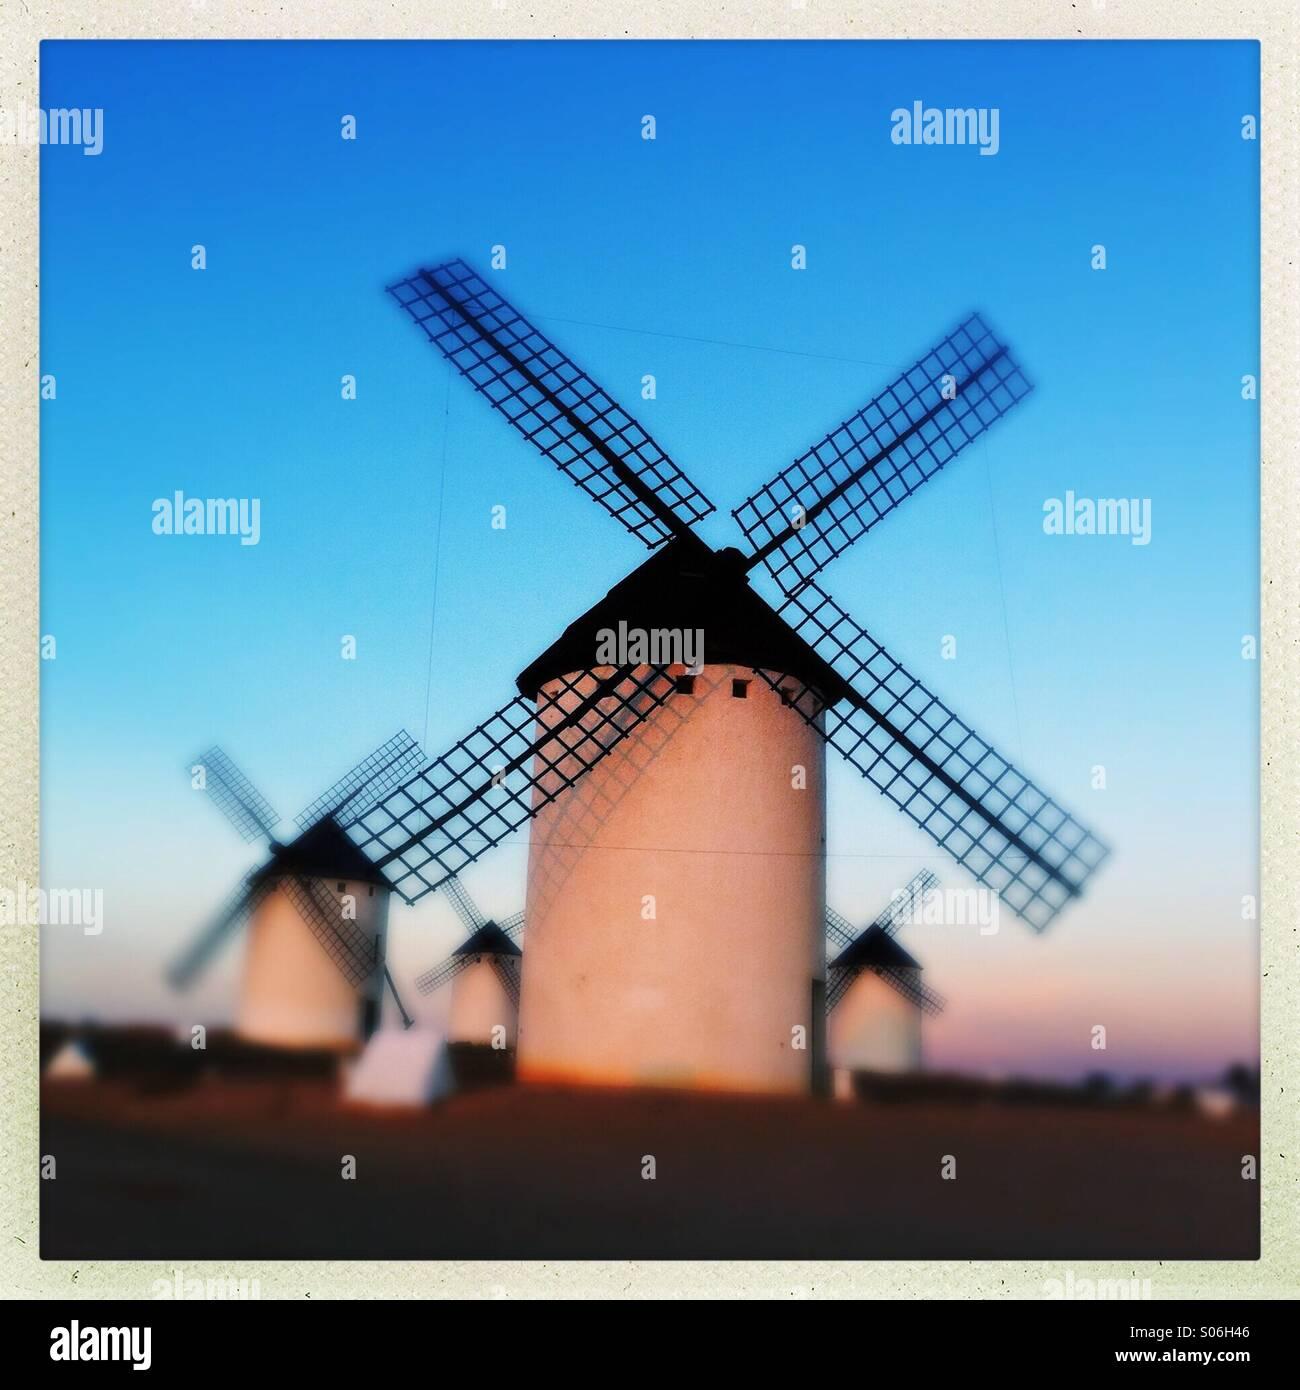 Windmills on La Paz hill - Stock Image